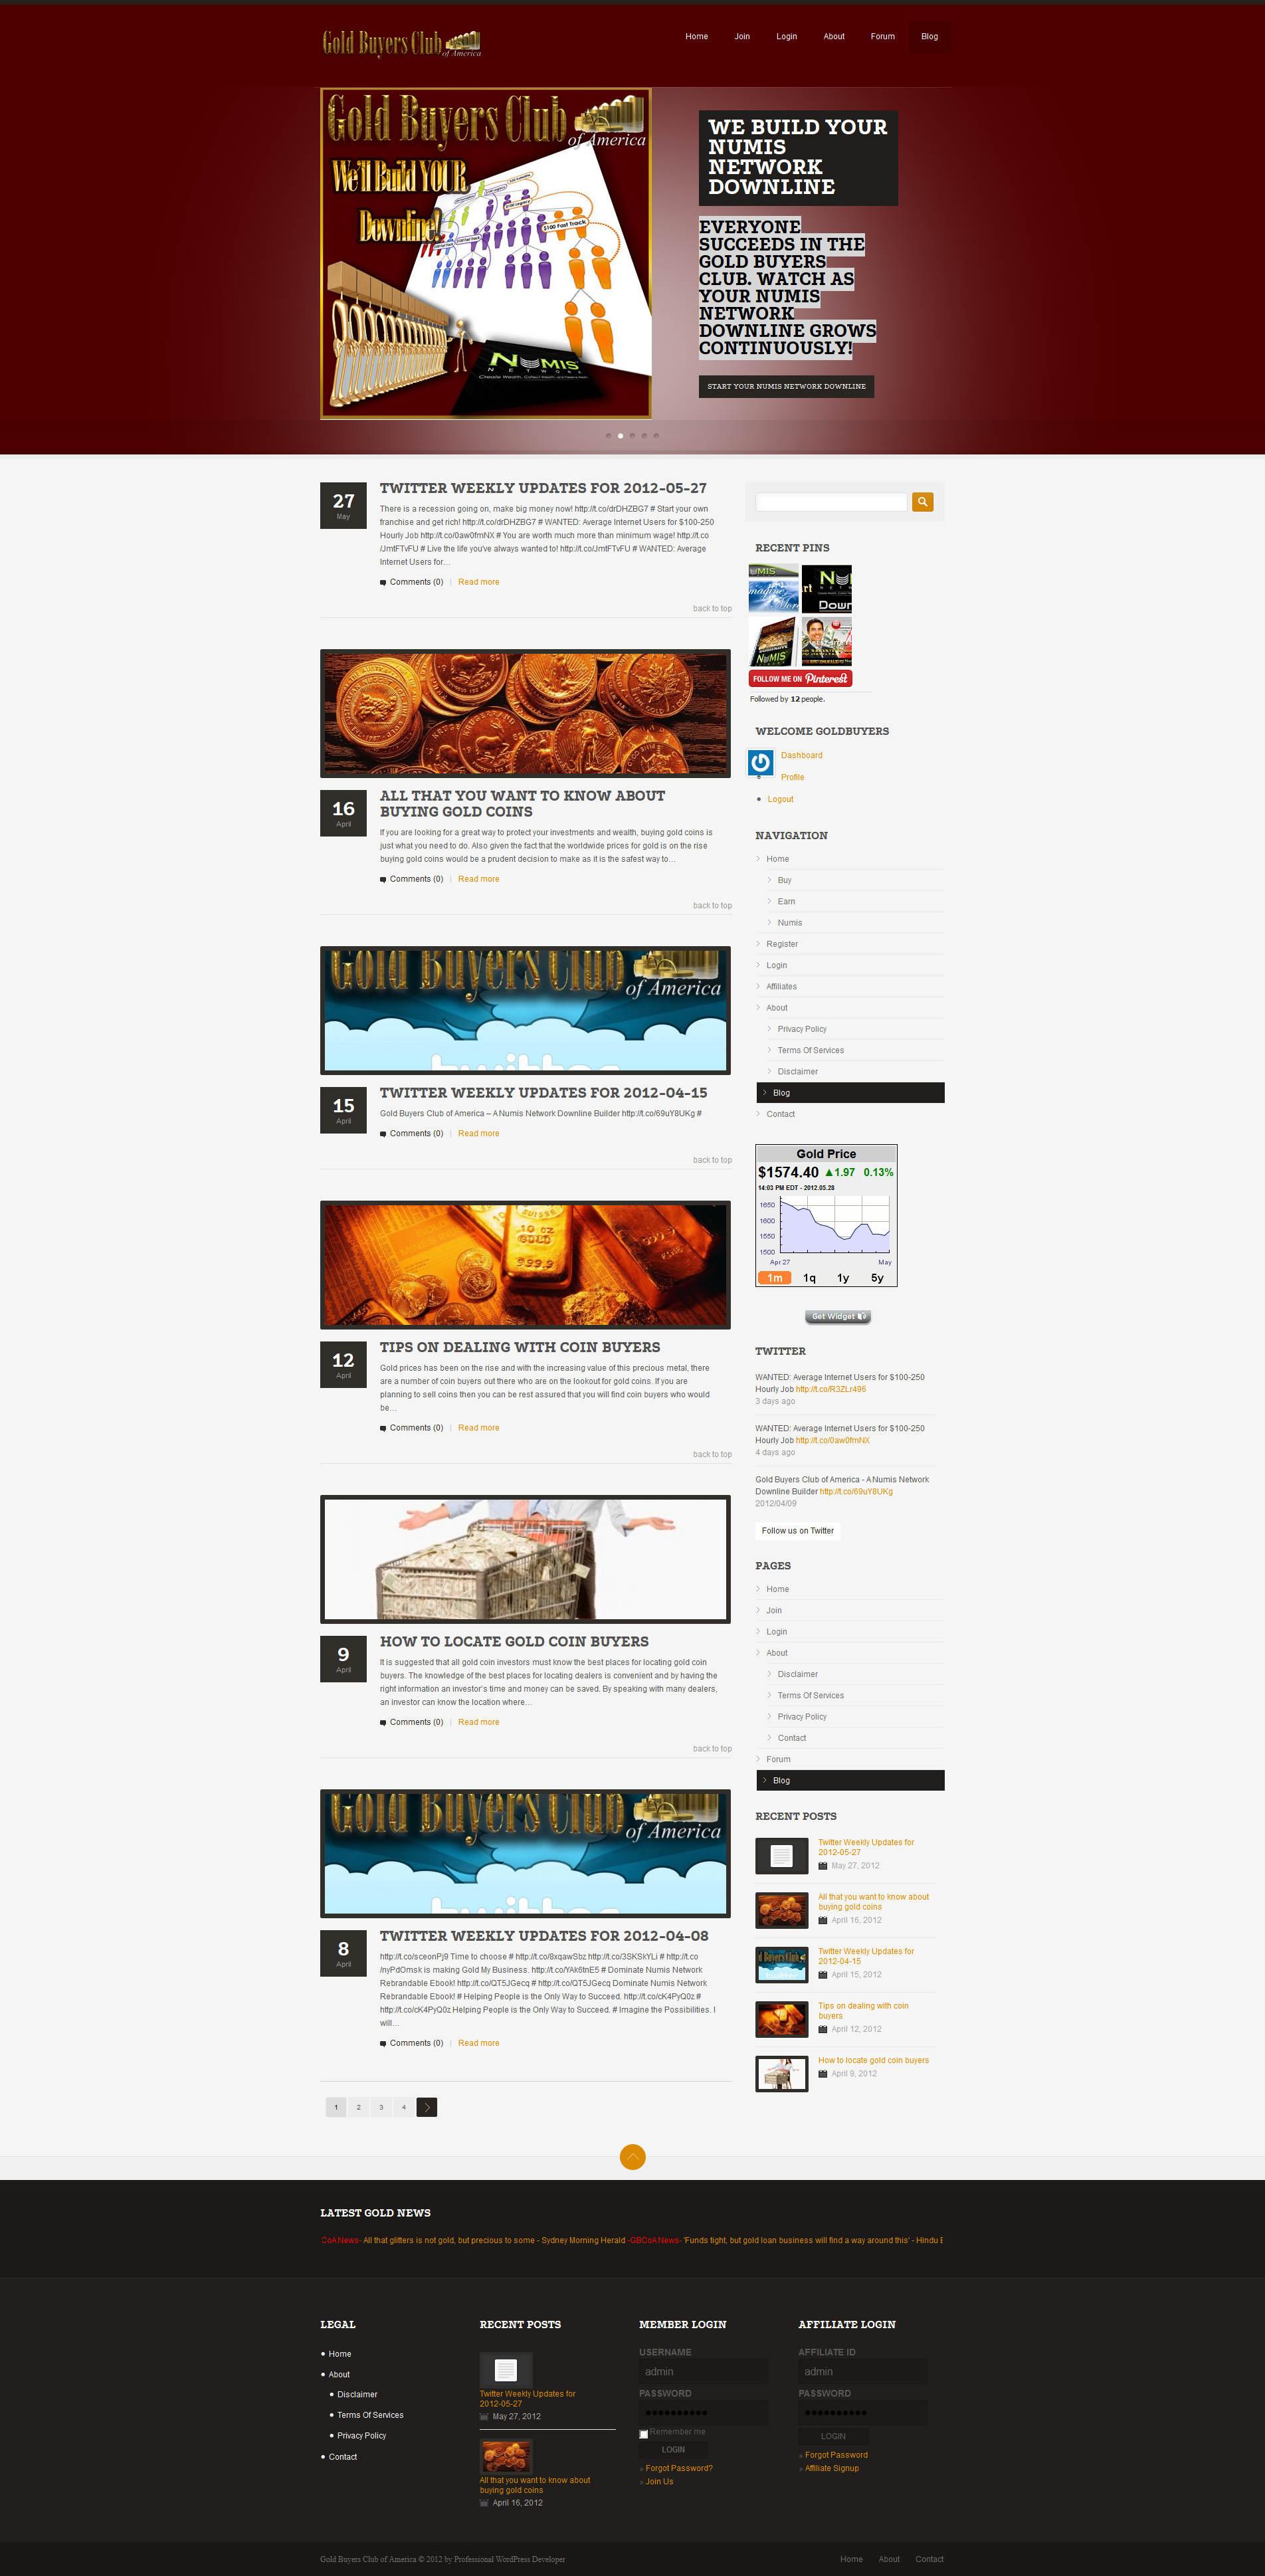 goldbuyersclubofamerica_blog